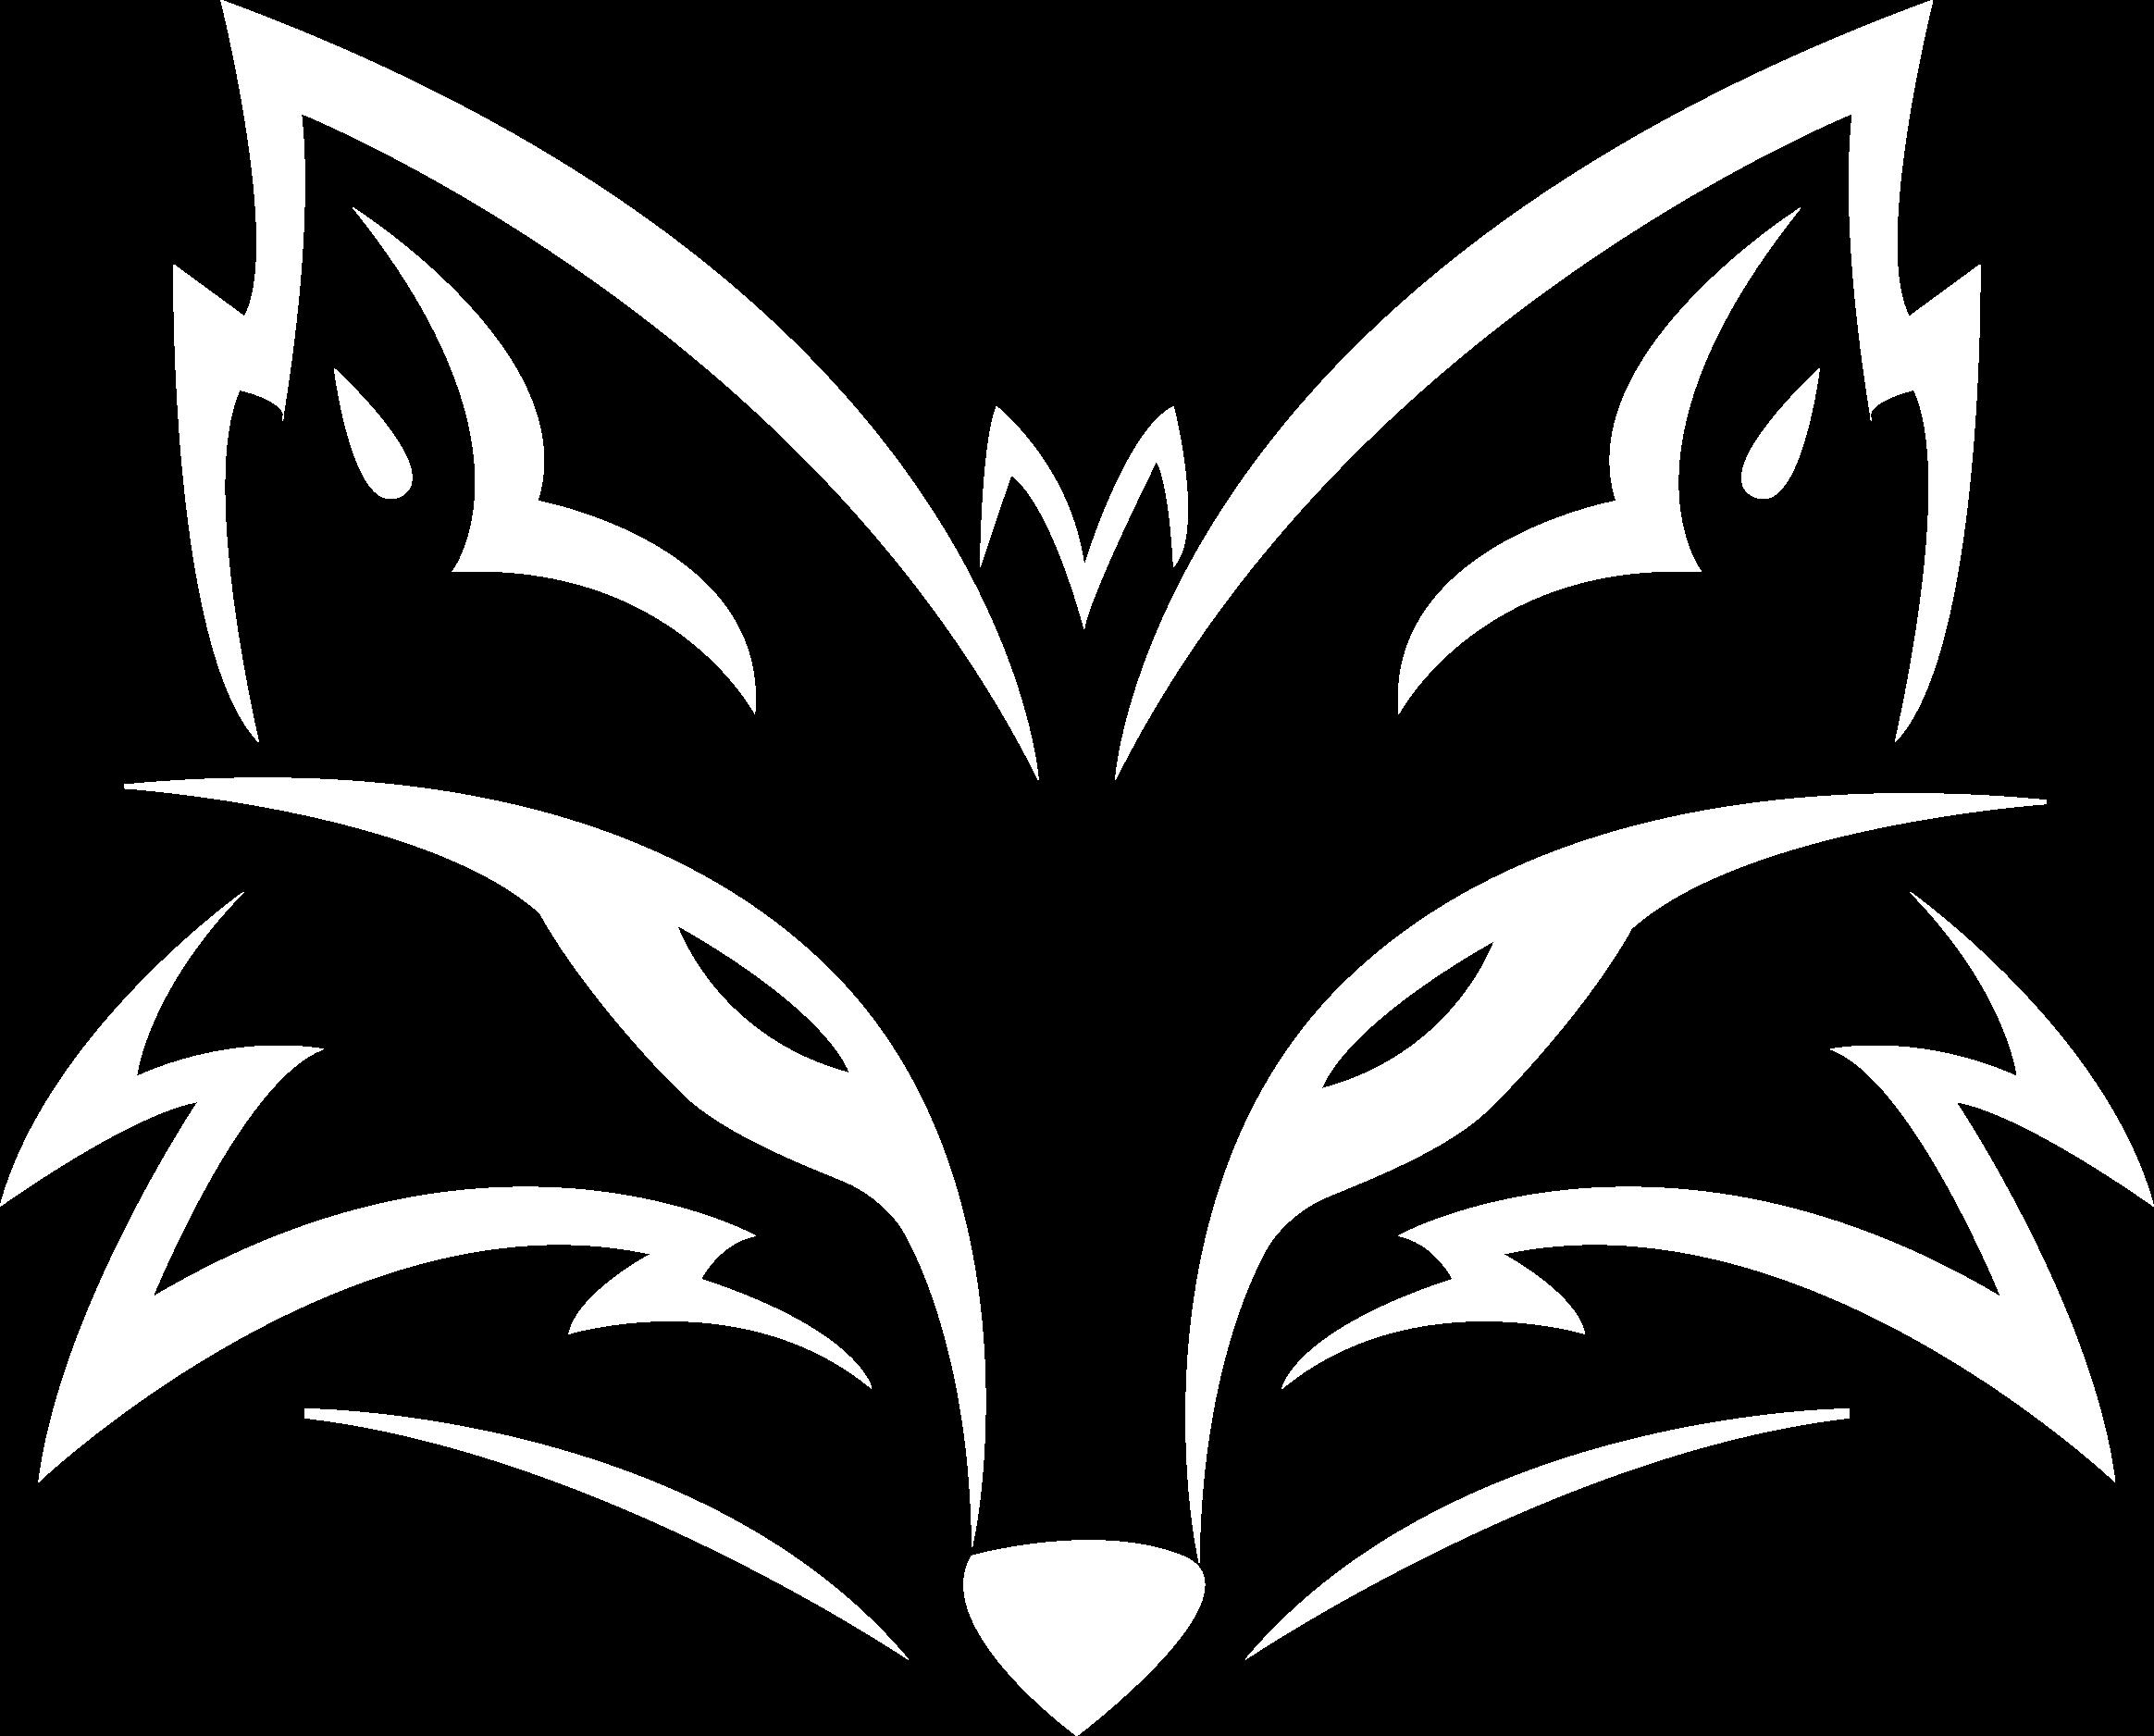 FOXBIT Kft.